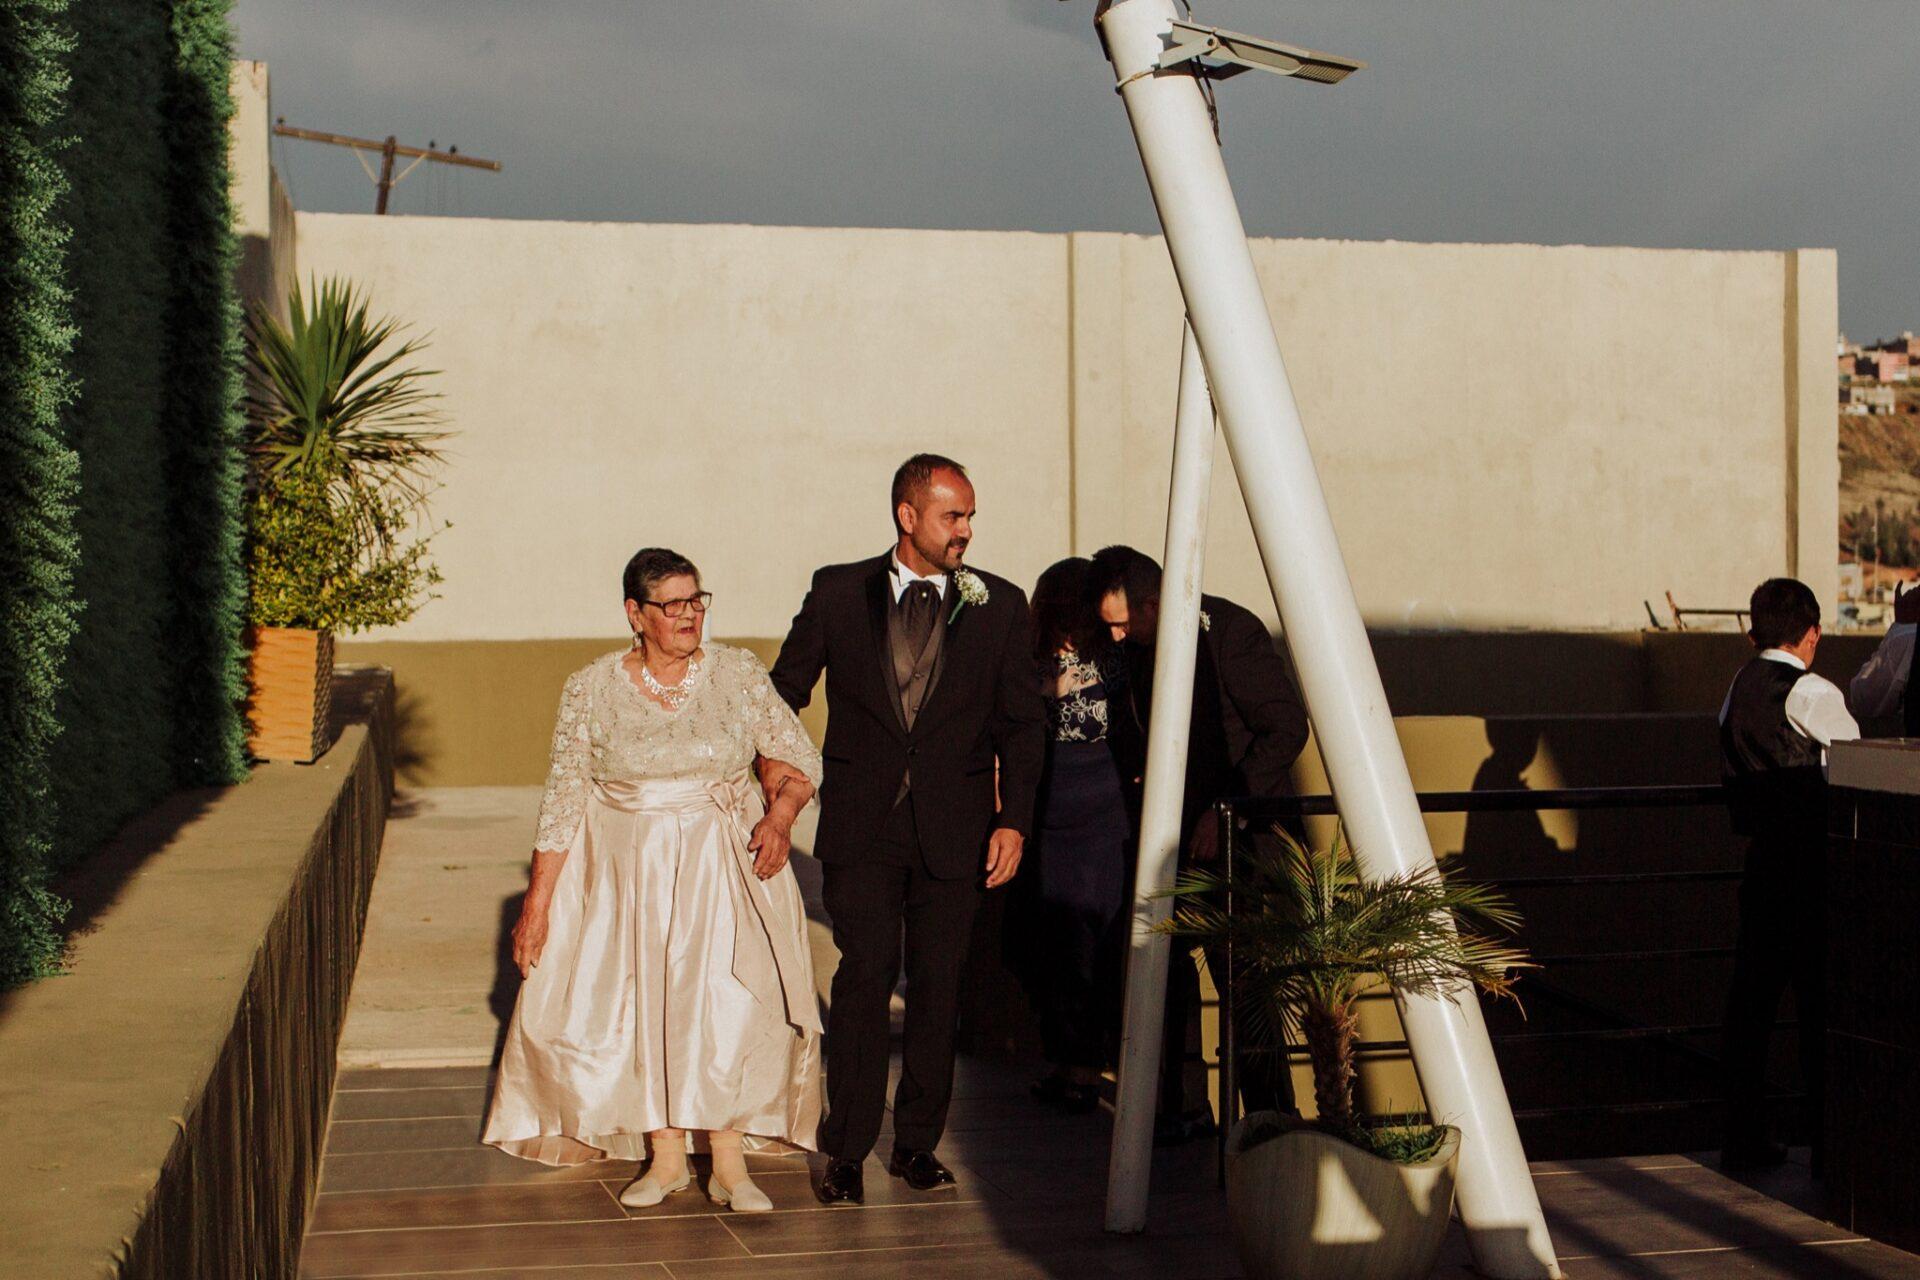 javier_noriega_fotografo_bodas_alicia_garden_zacatecas_wedding_photographer9